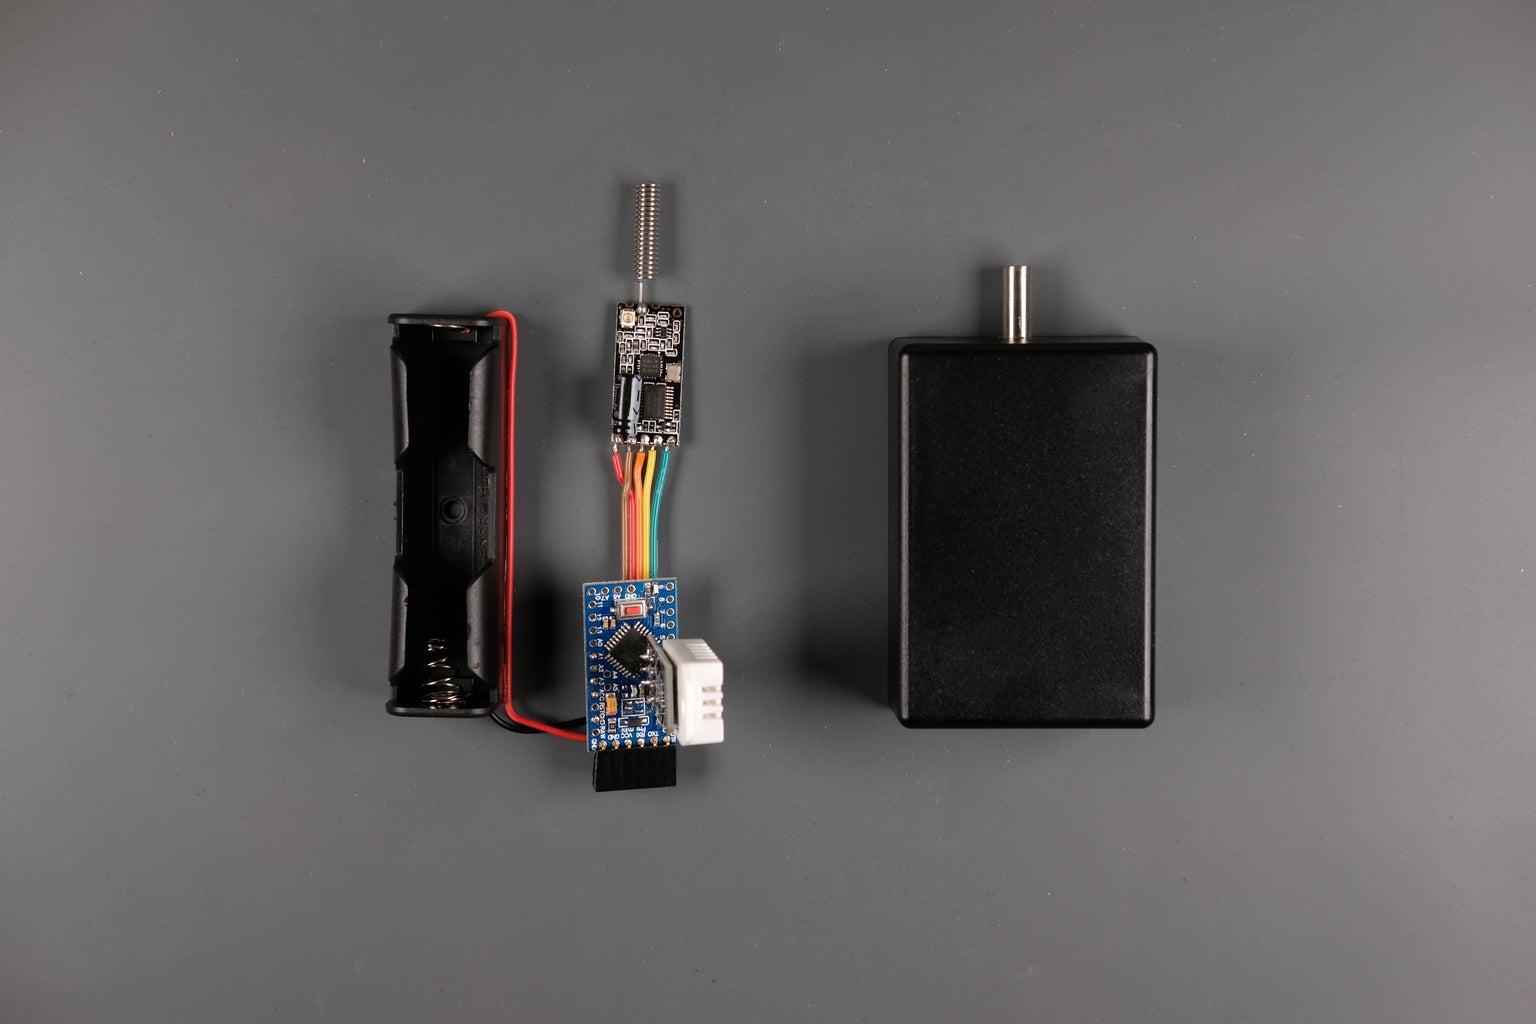 Tutorial 3 - Ultra Low Power Temperature Sensor Nodes